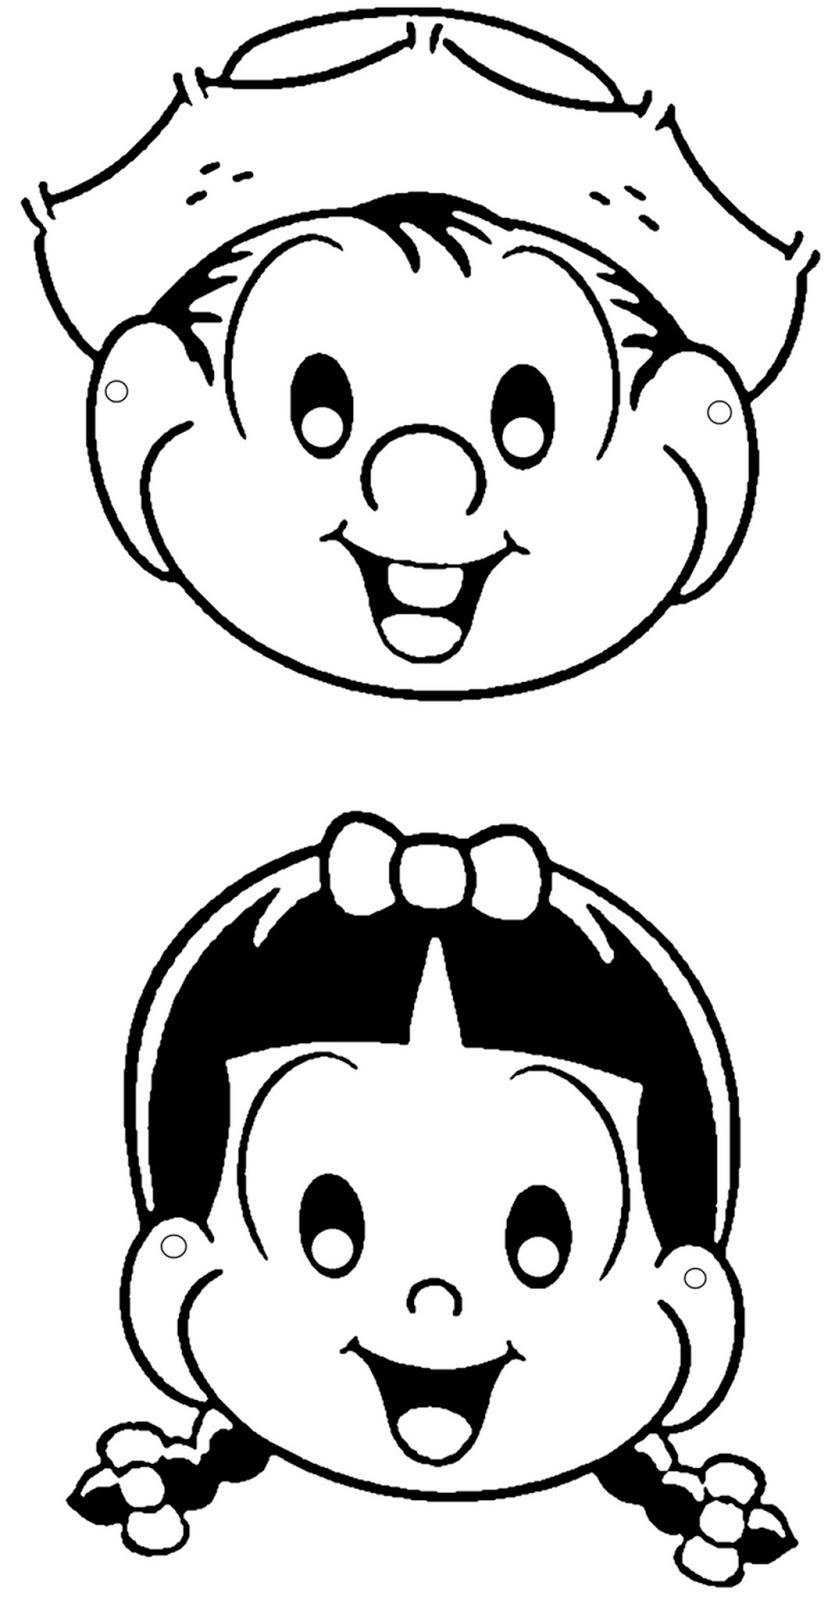 u0026quot  desenhos para colorir e imprimir  u0026quot   desenhos para